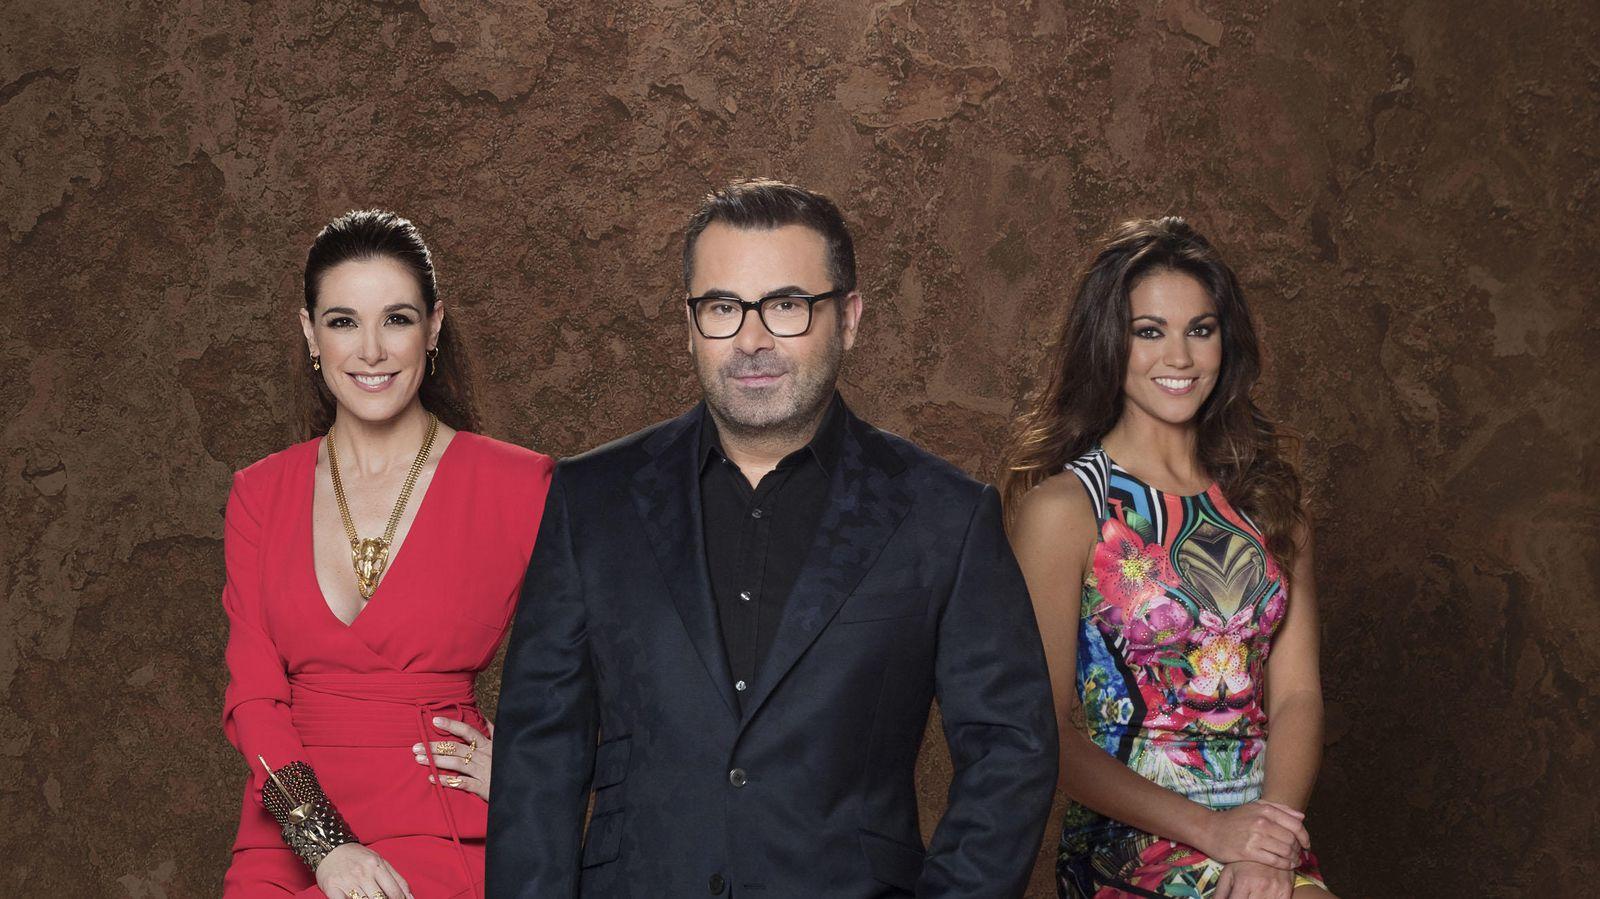 Foto: Raqueñ Sánchez Silva, Jorge Javier Vázquez y Lara Álvarez, presentadores de 'Supervivientes 2015' (Telecinco)